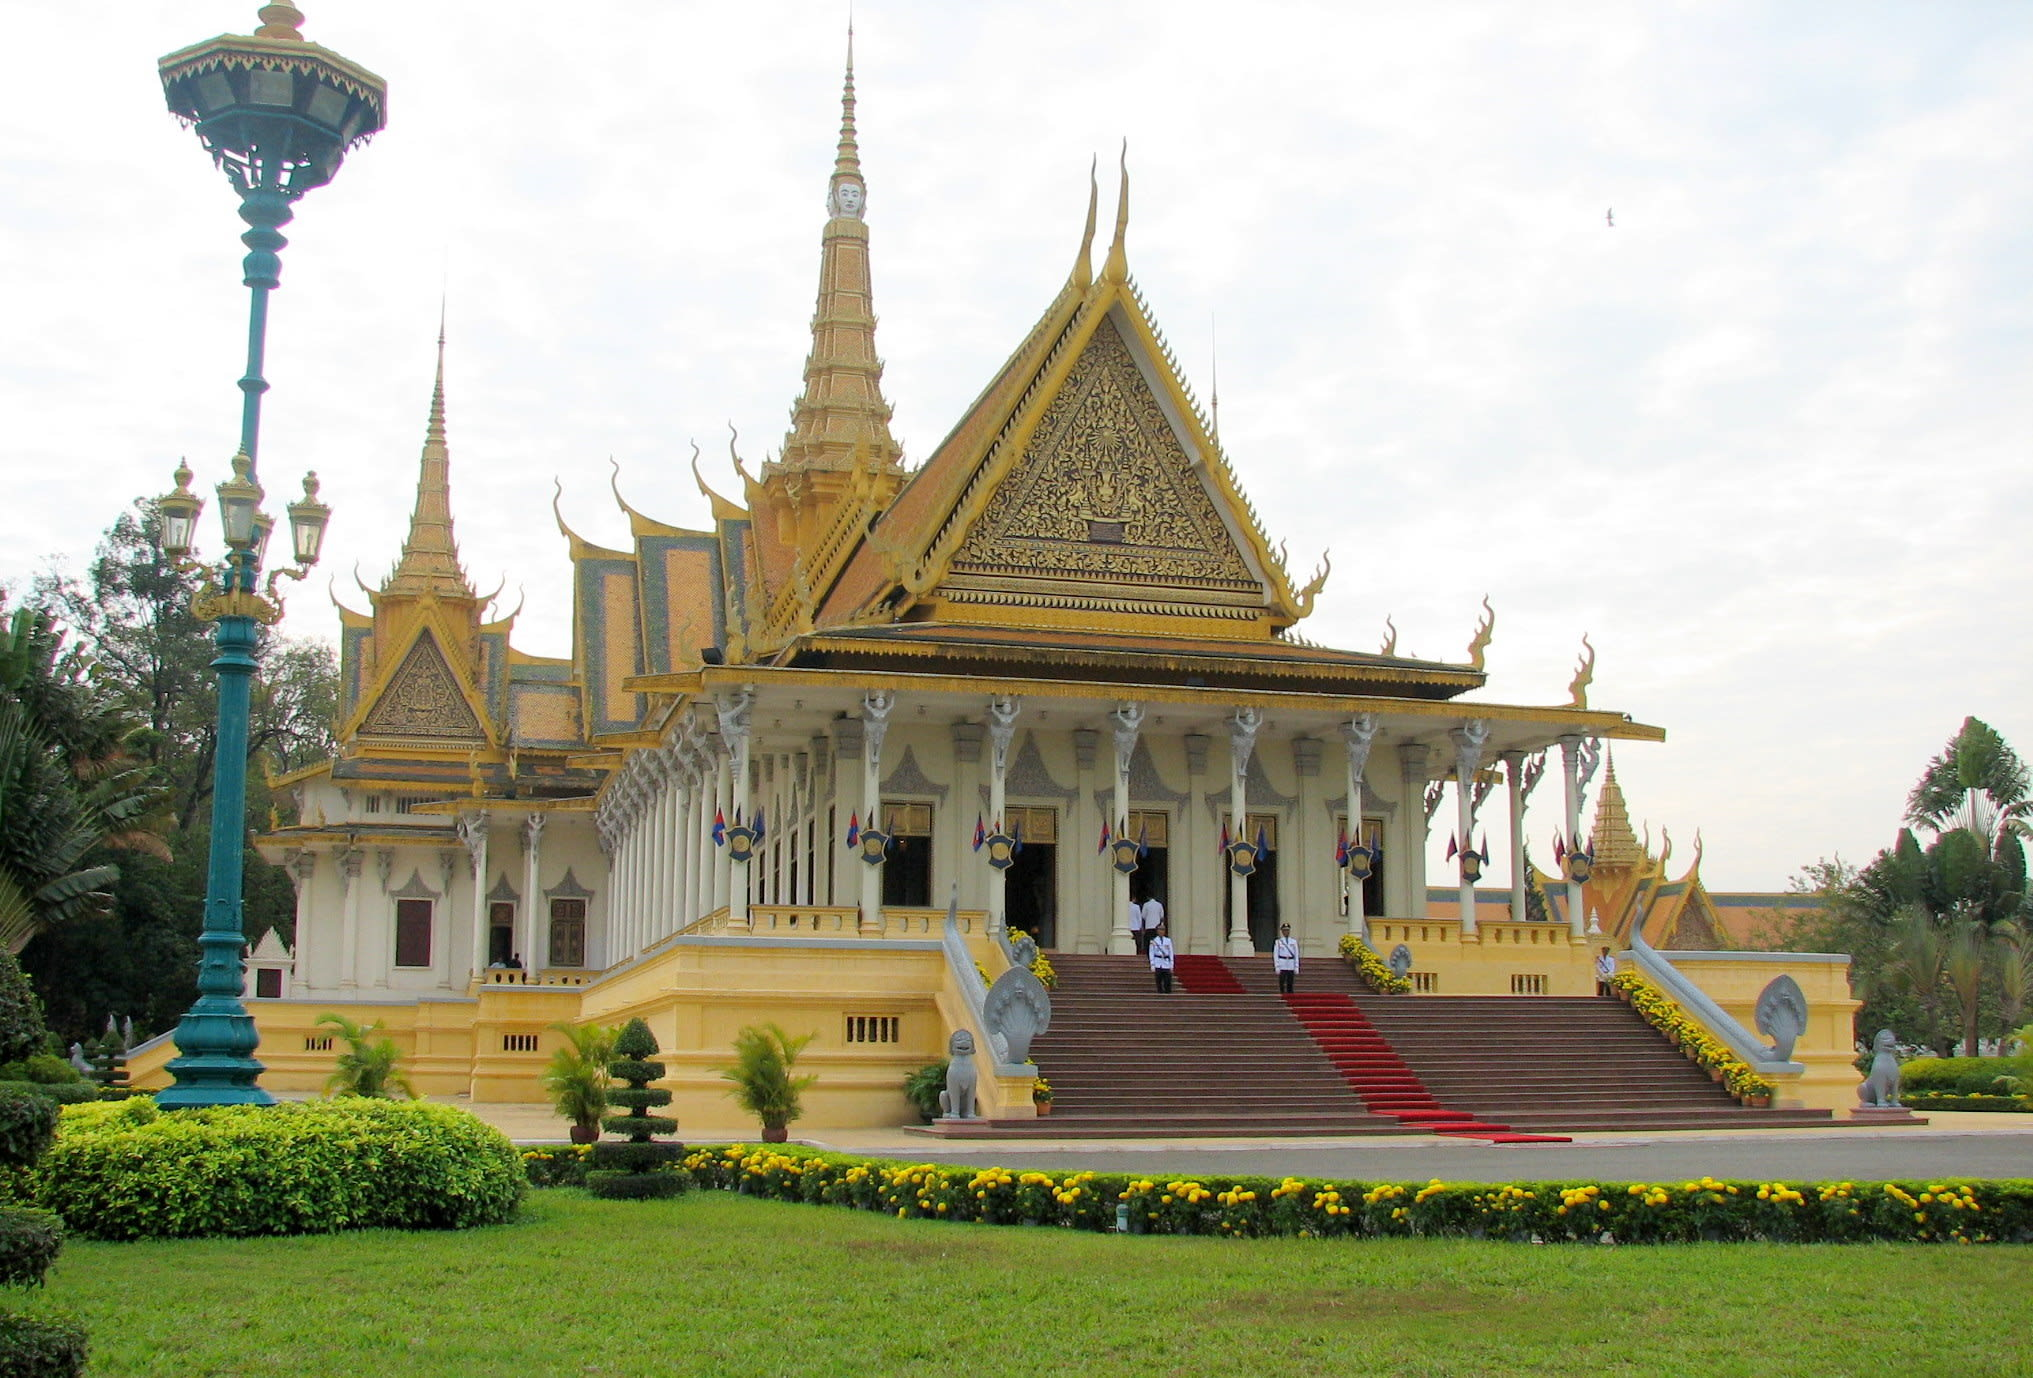 金邊皇宮內部建築(圖片來源:維基百科)